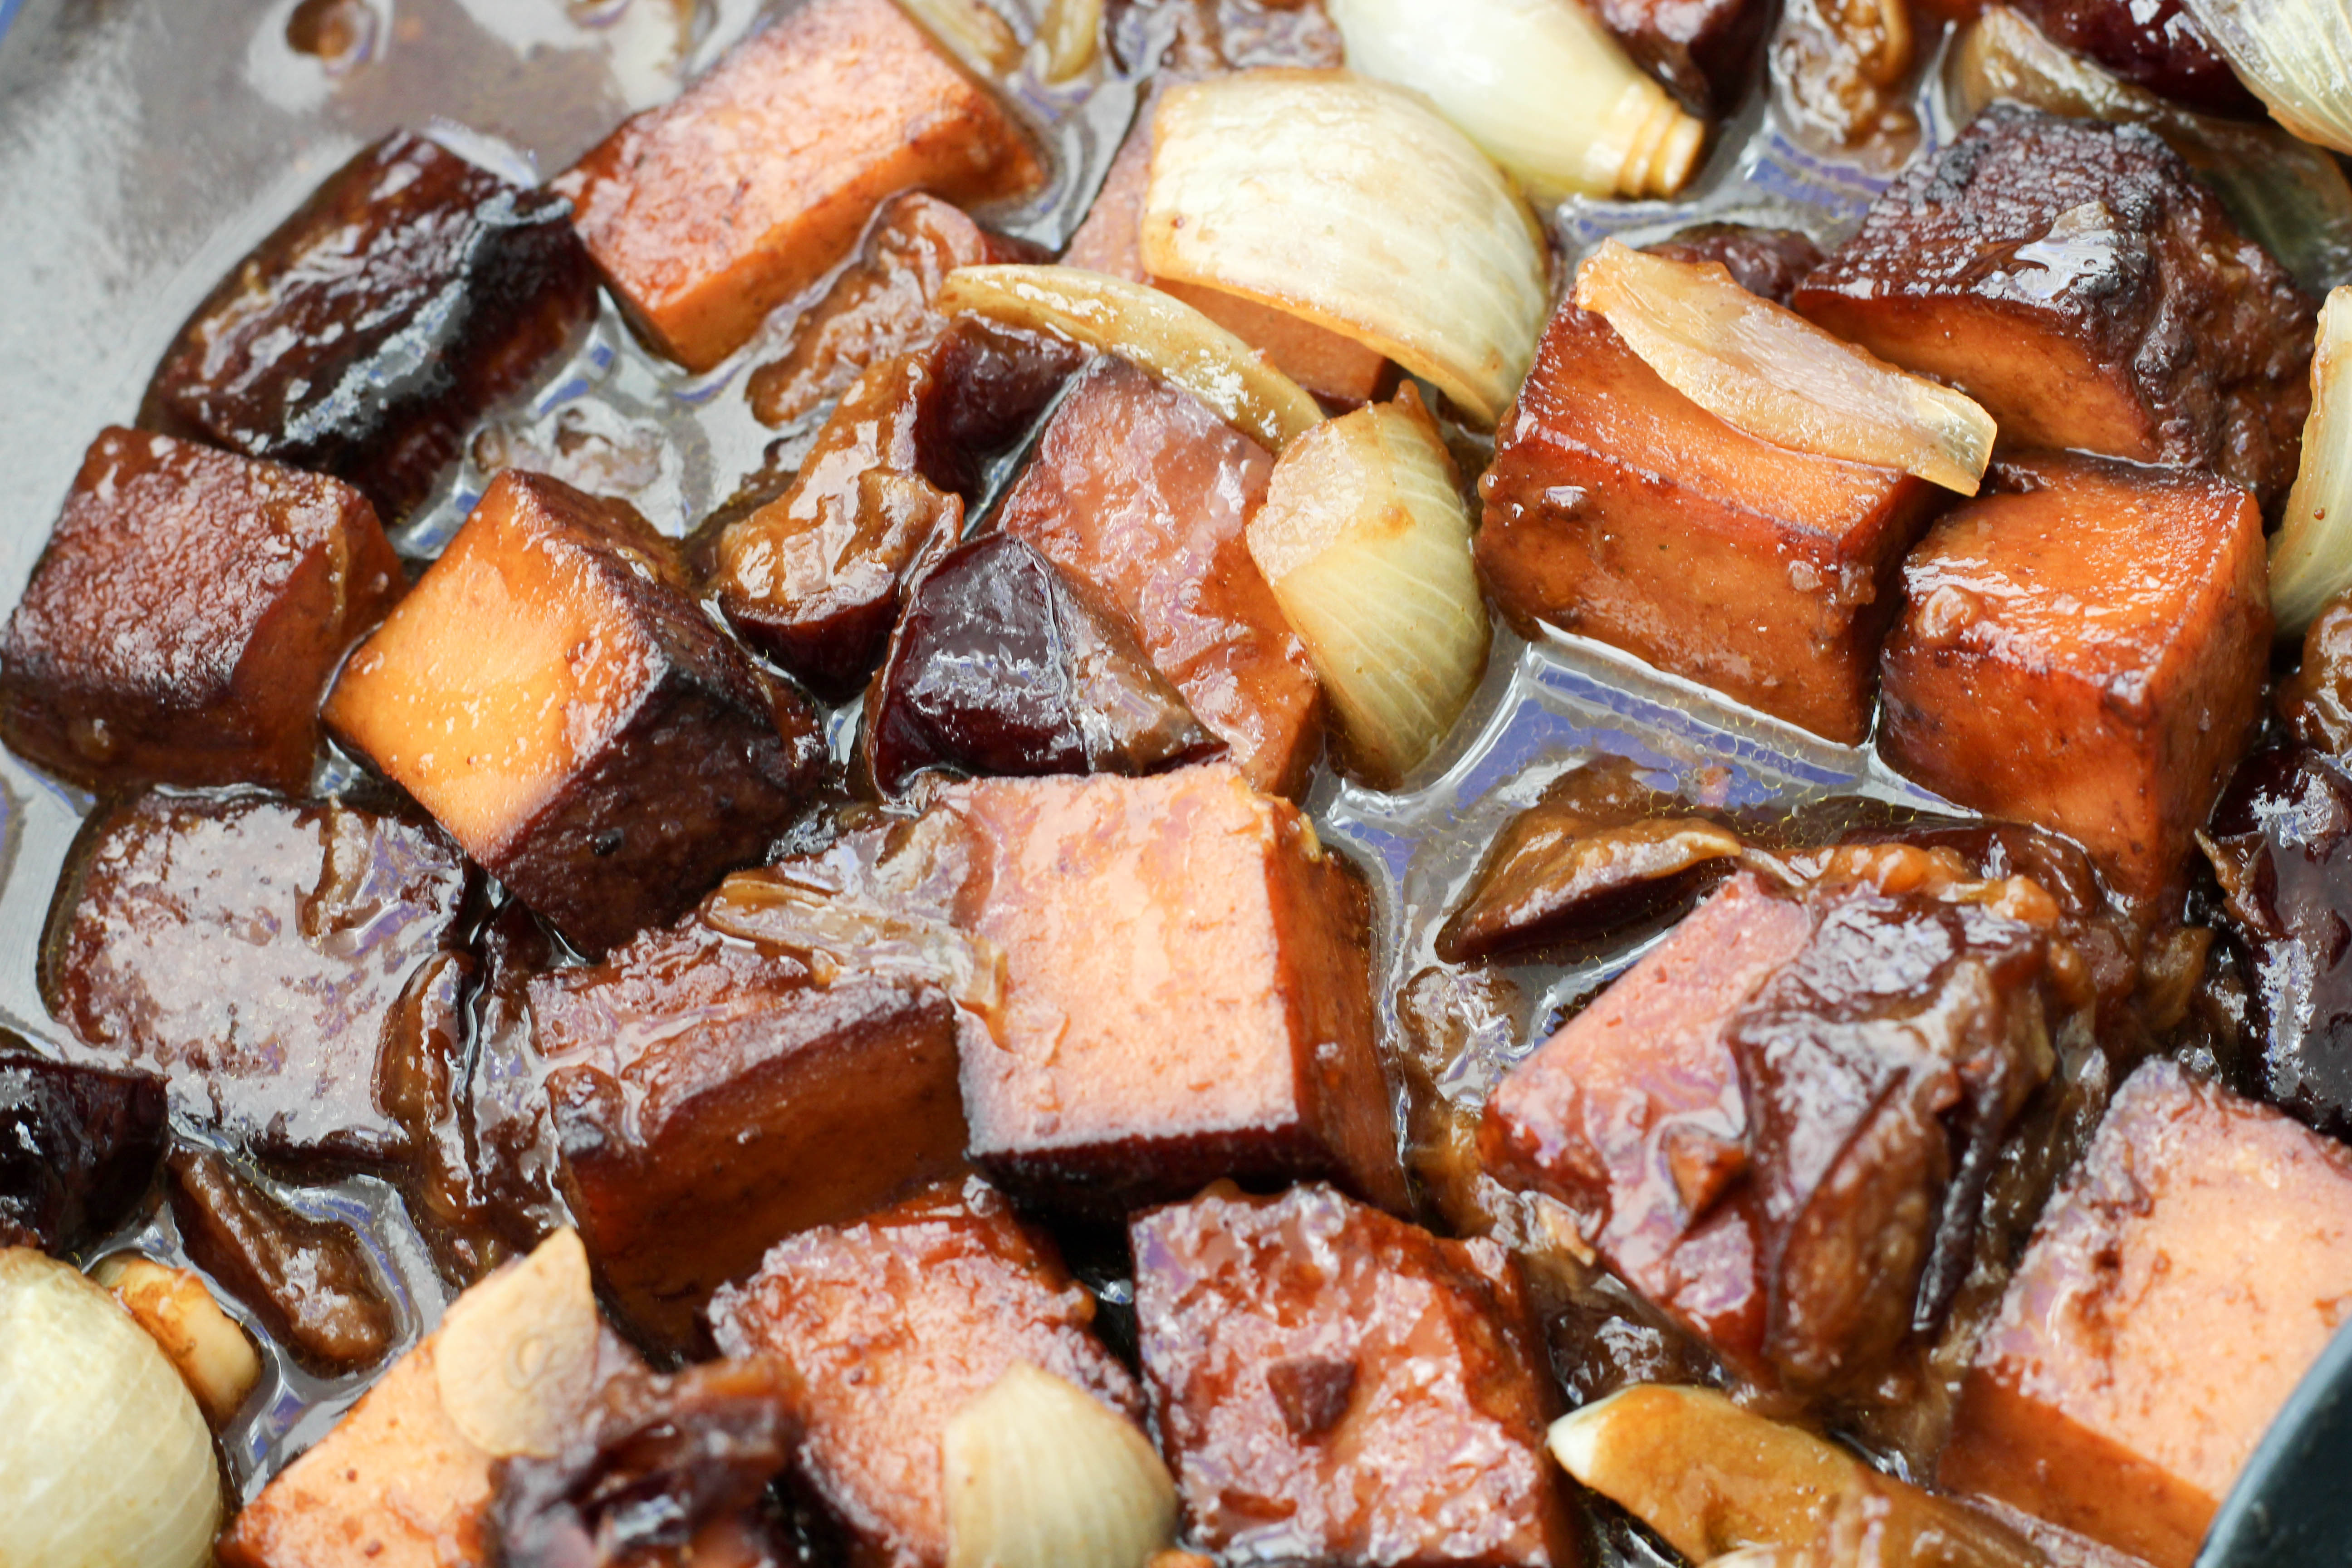 vegan-toforagout-pflaumen-weihnachten-advent-kartoffelknoedel-rotkraut-soulfood-homespa-plantbased-1-von-1-5